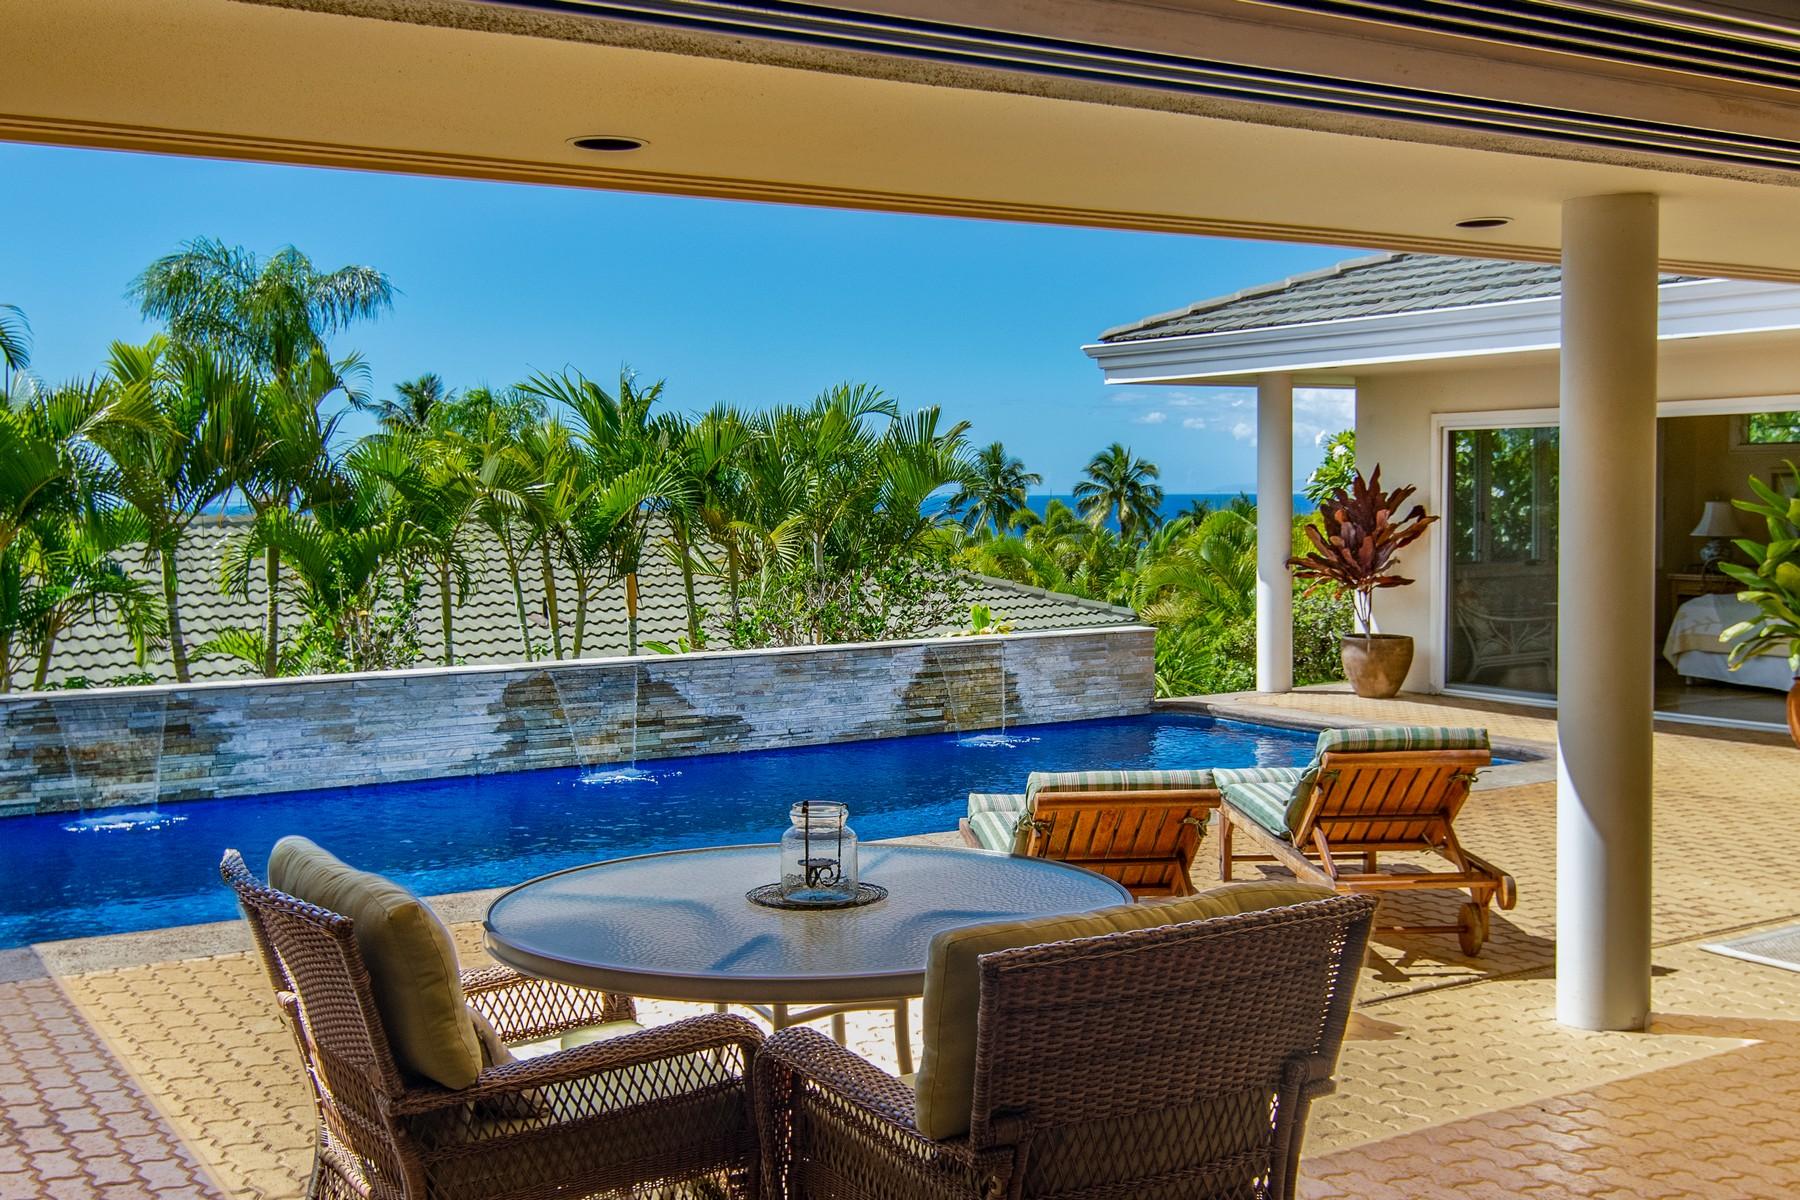 Single Family Home for Active at Wailea Kialoa 169 W. Ikea Moku Place Wailea, Hawaii 96753 United States